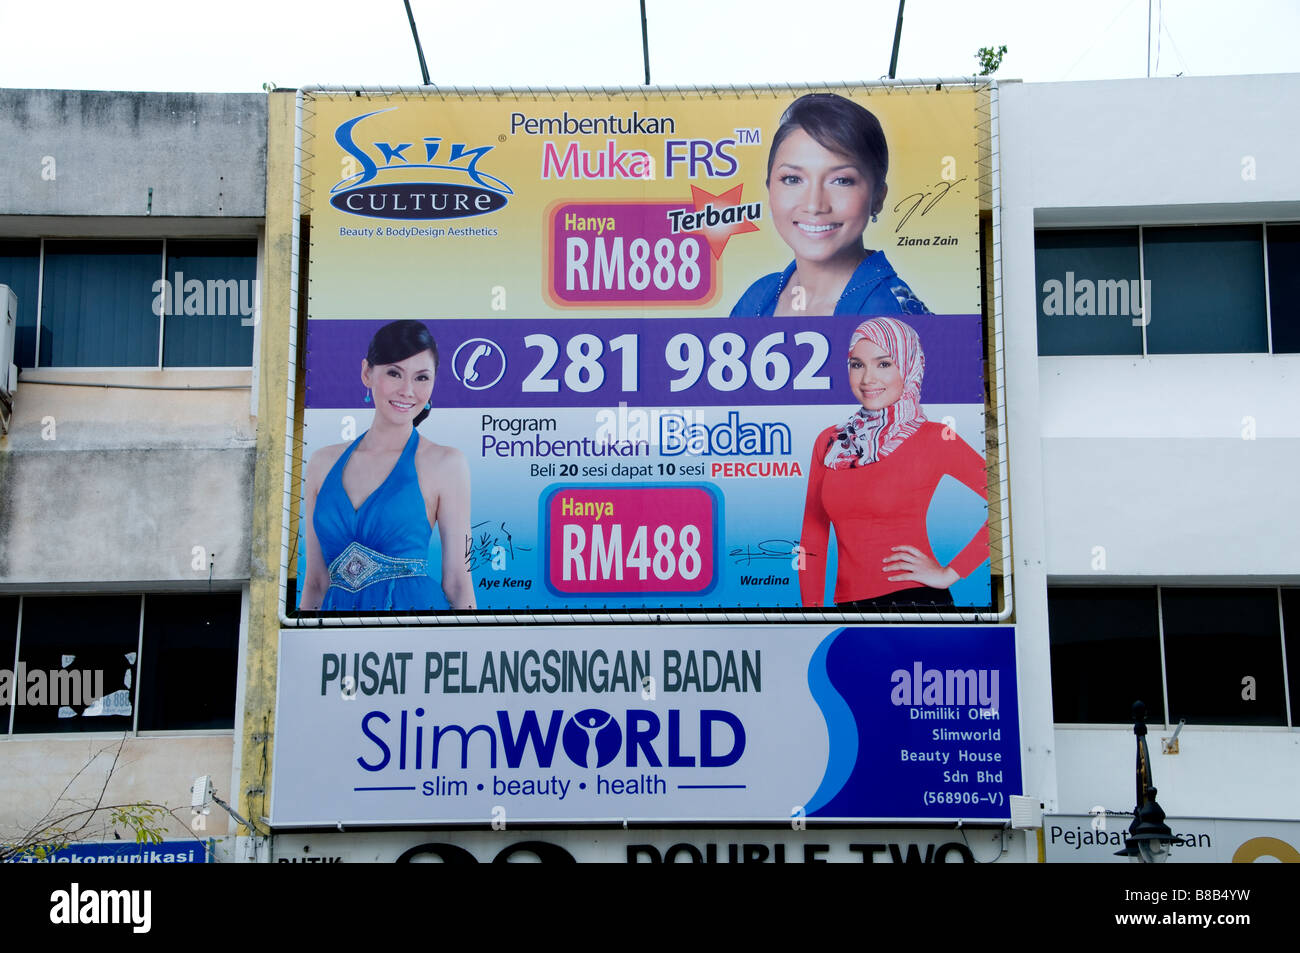 La Malaisie Malacca étudiant femme street shop store à chair mince perdre perdre de poids Photo Stock